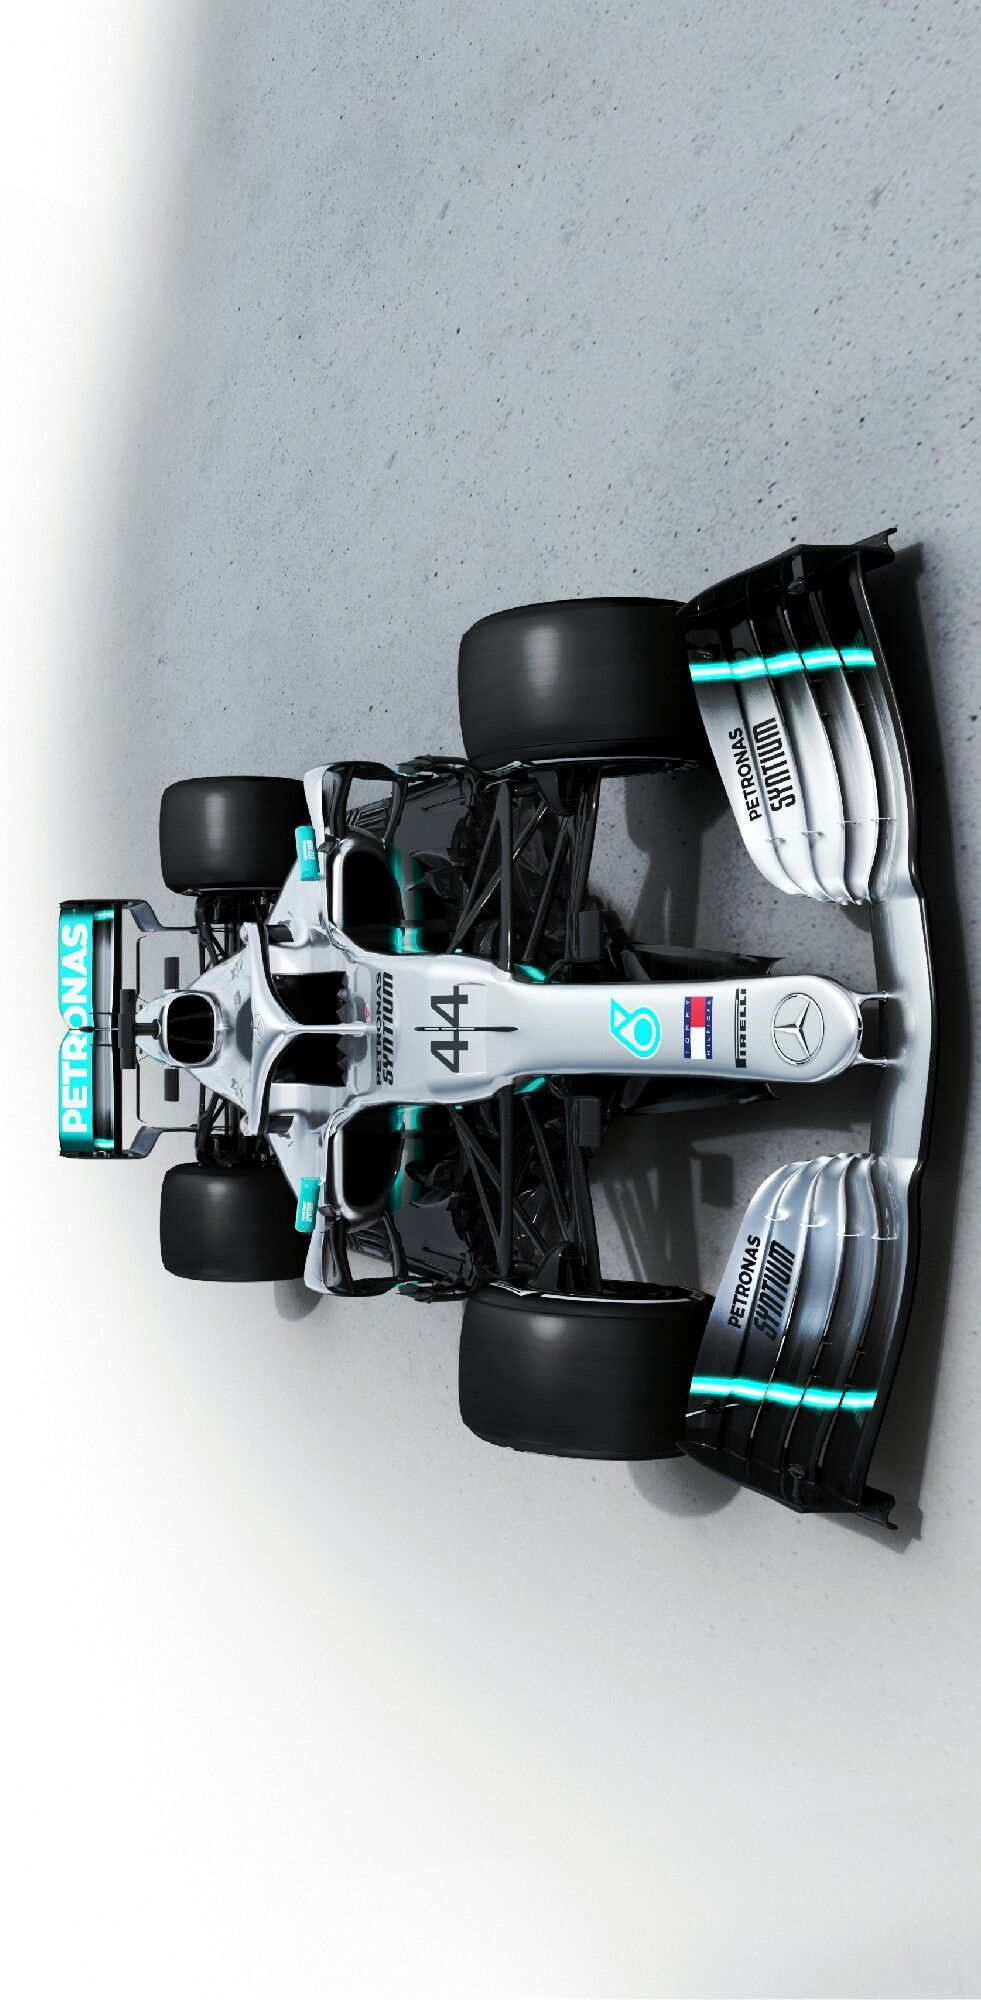 2019 Mercedes Amg Petronas W10 Formula 1 Enhanced By Keely